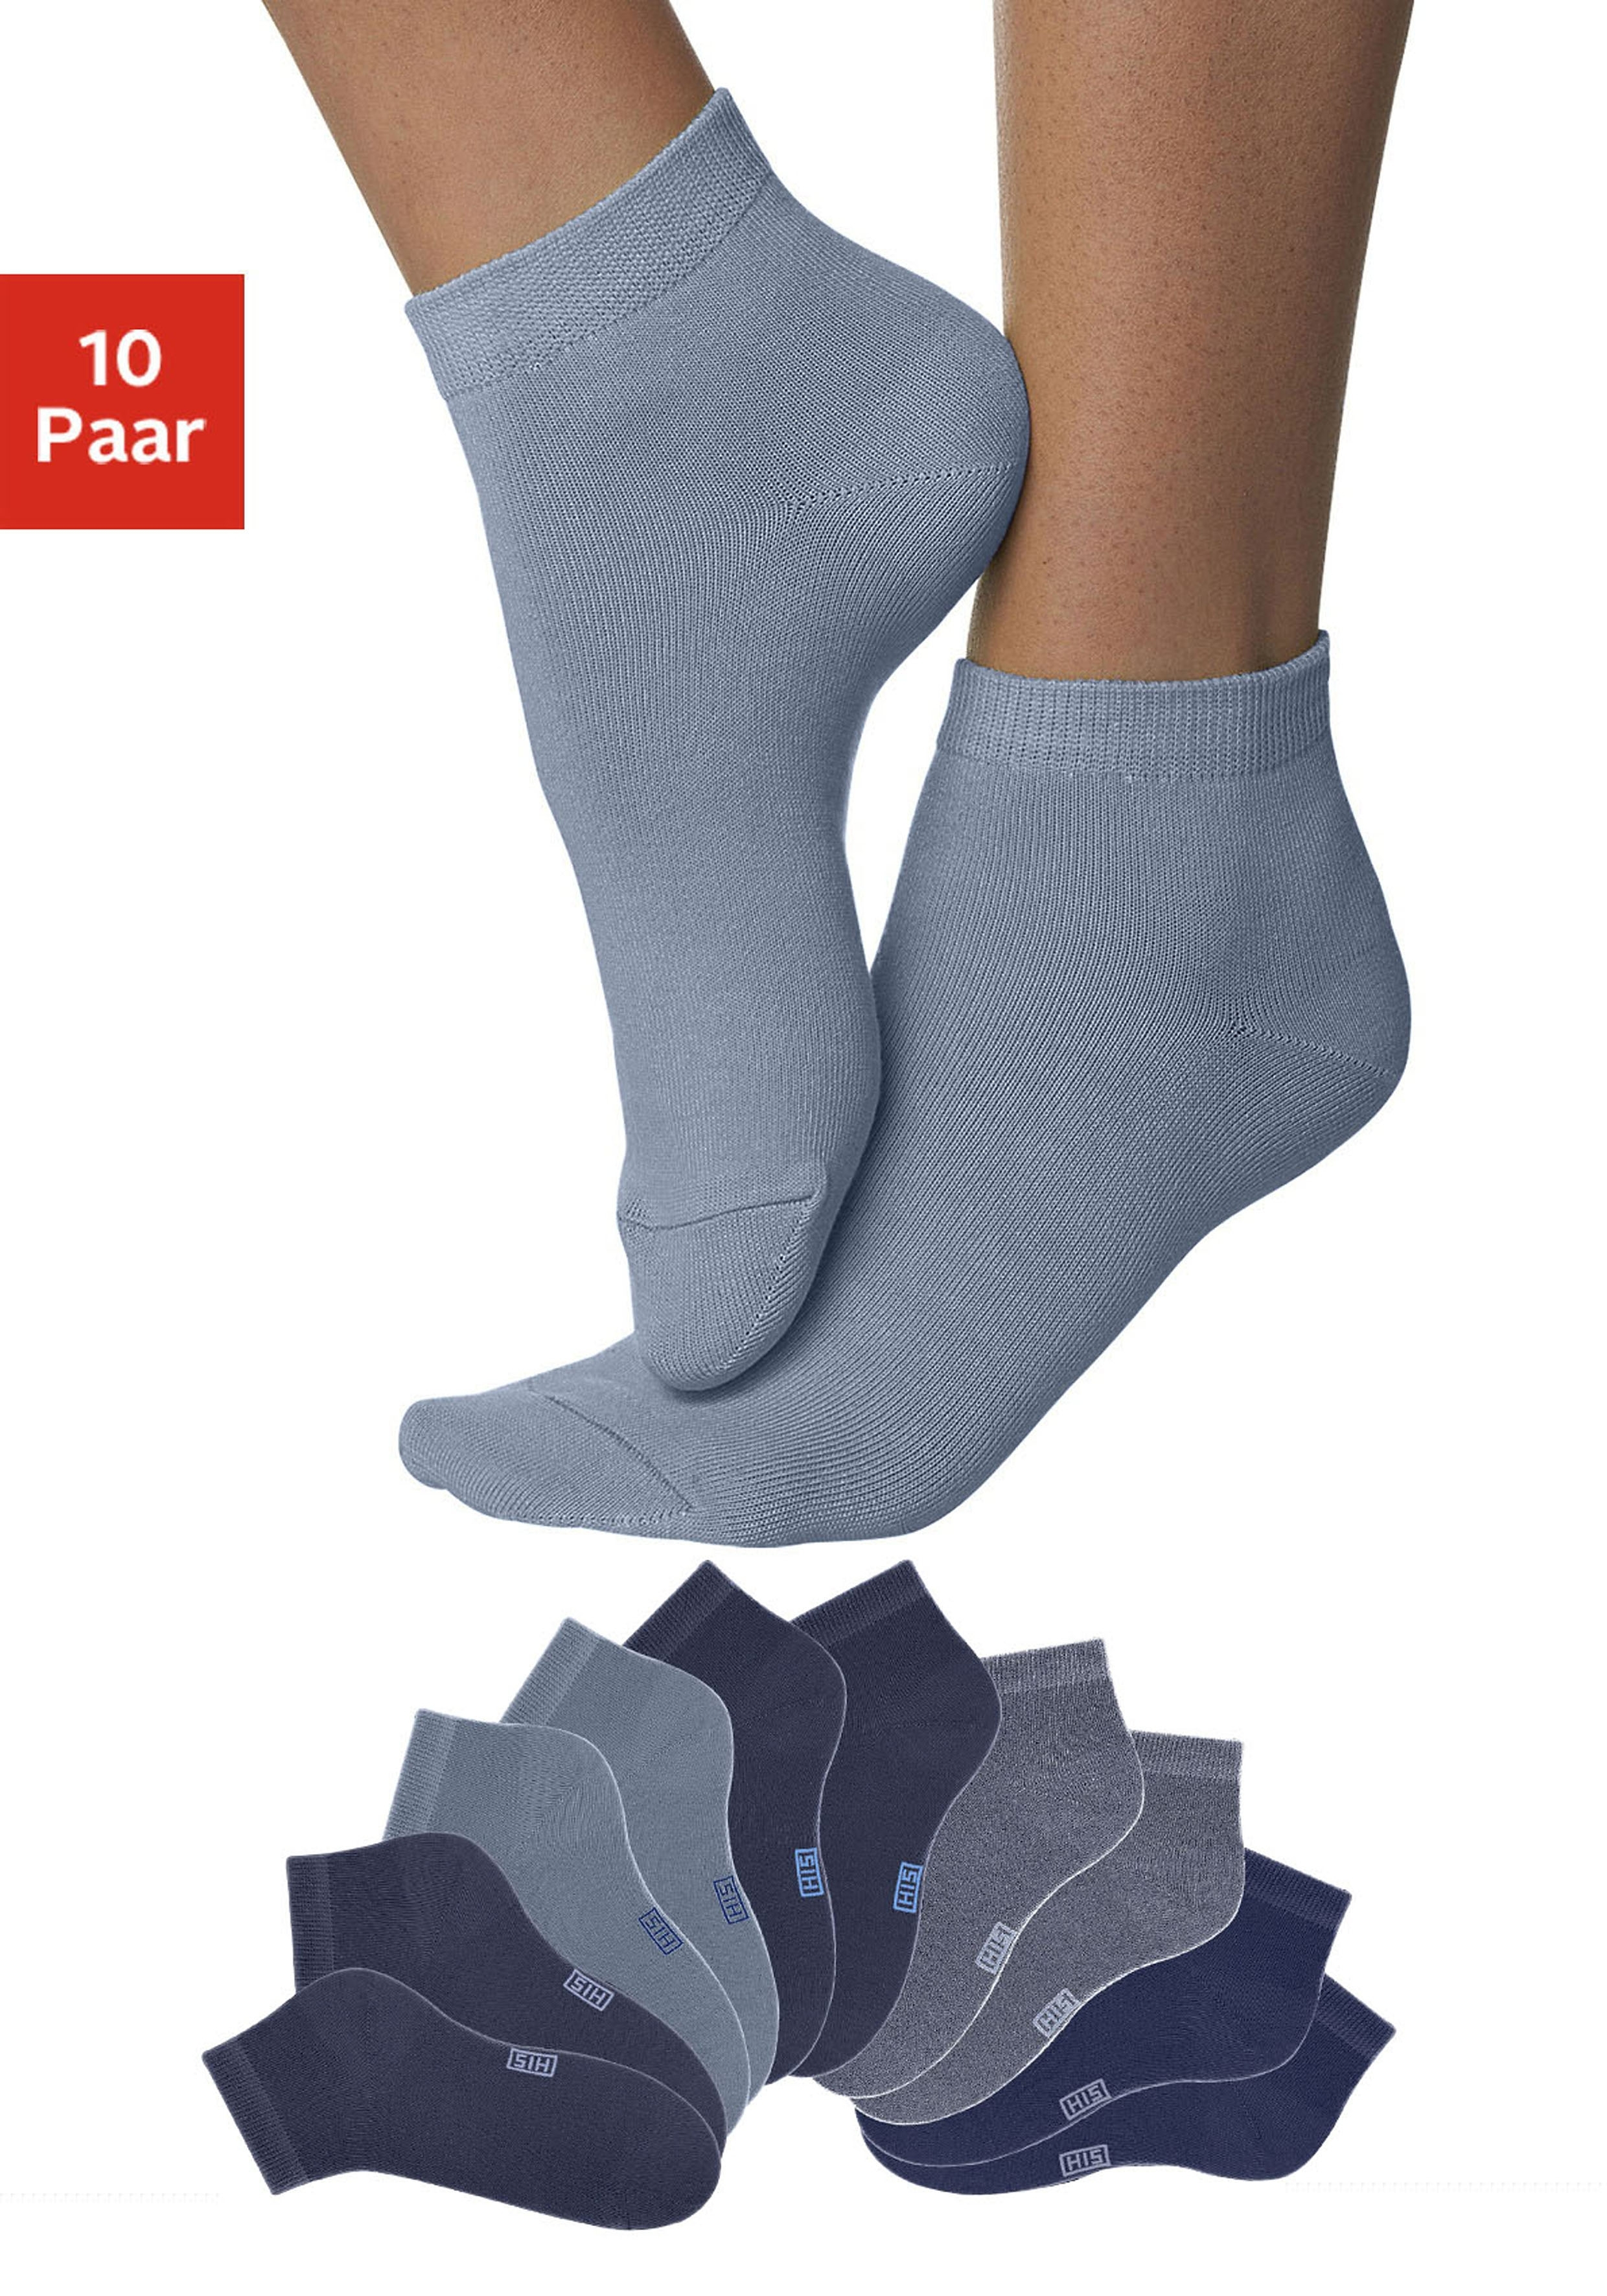 H.I.S korte sokken met verstevigde hiel en teen (10 paar) - gratis ruilen op lascana.nl